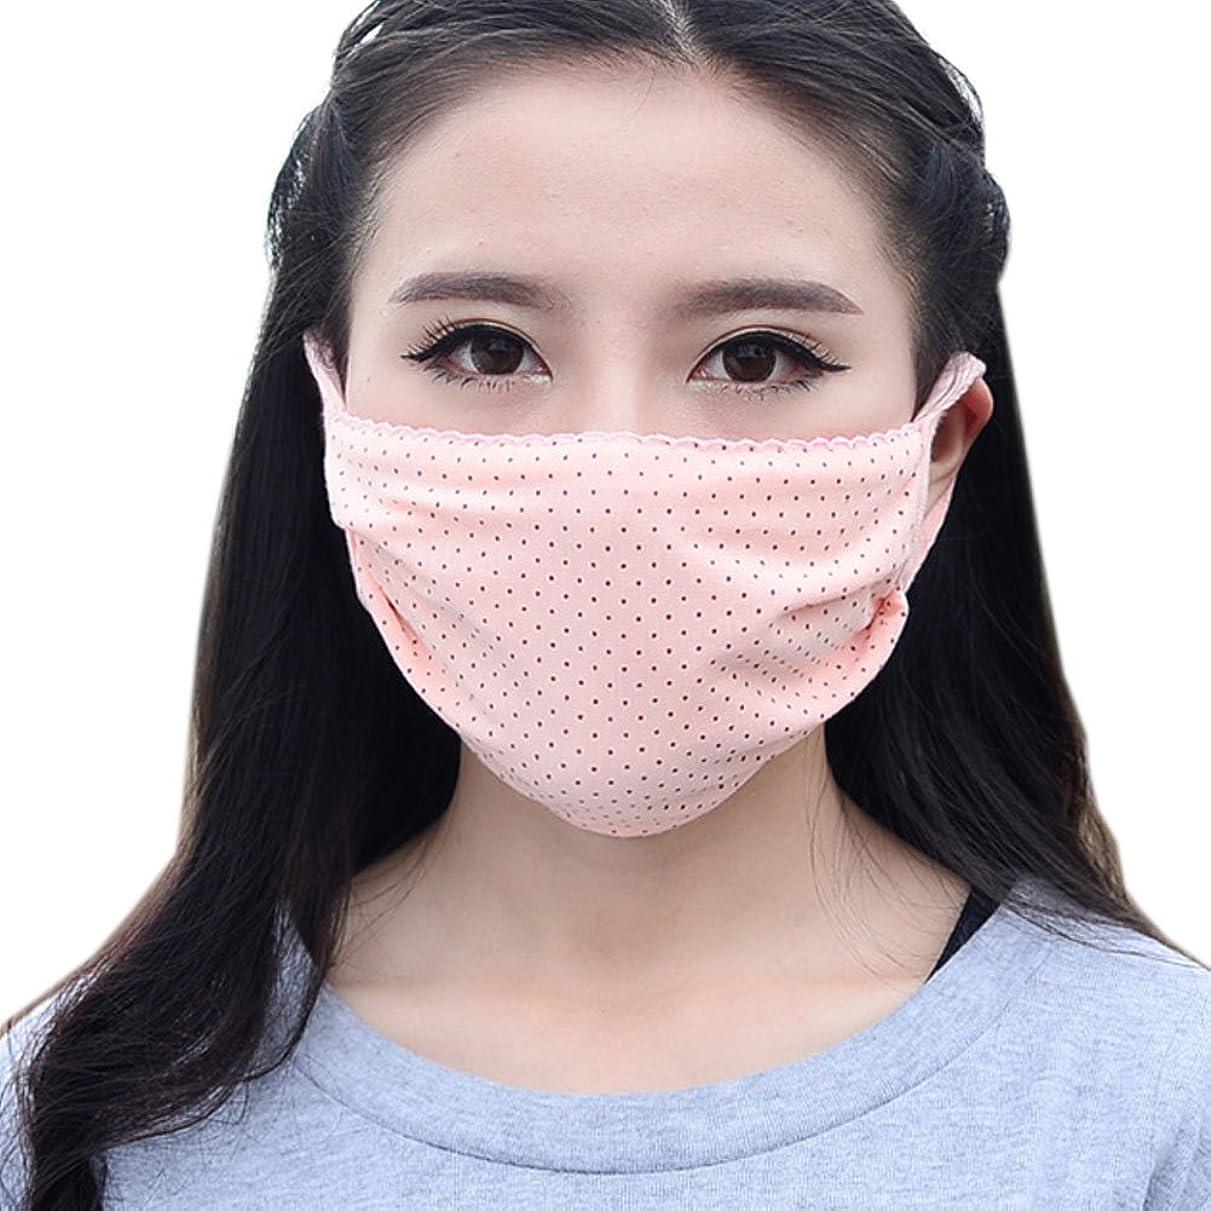 ステレオタイプ物思いにふけるコスト夏の薄いコットンマスク、肌色のドット